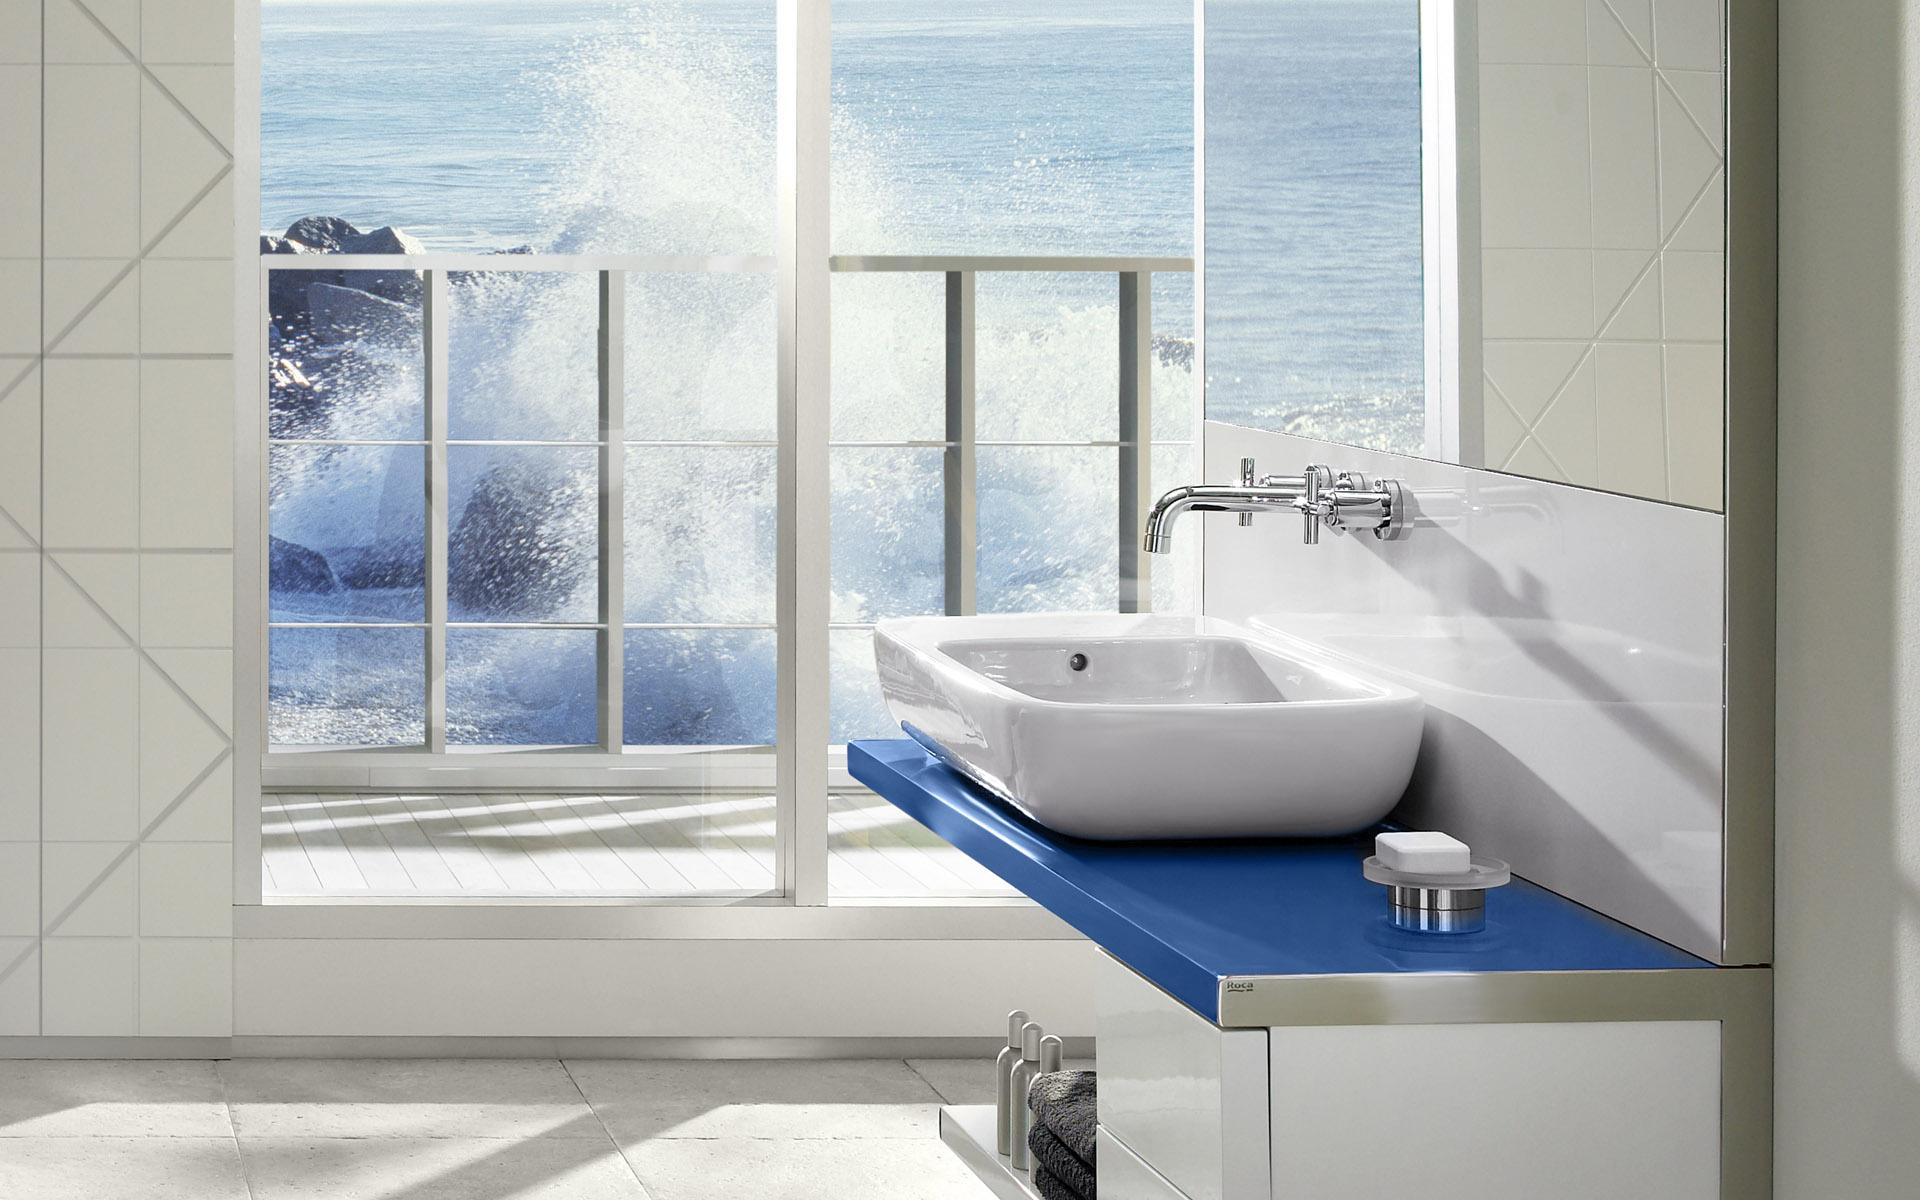 Beach-View-Bathroom-Design Beach View Bathroom Design